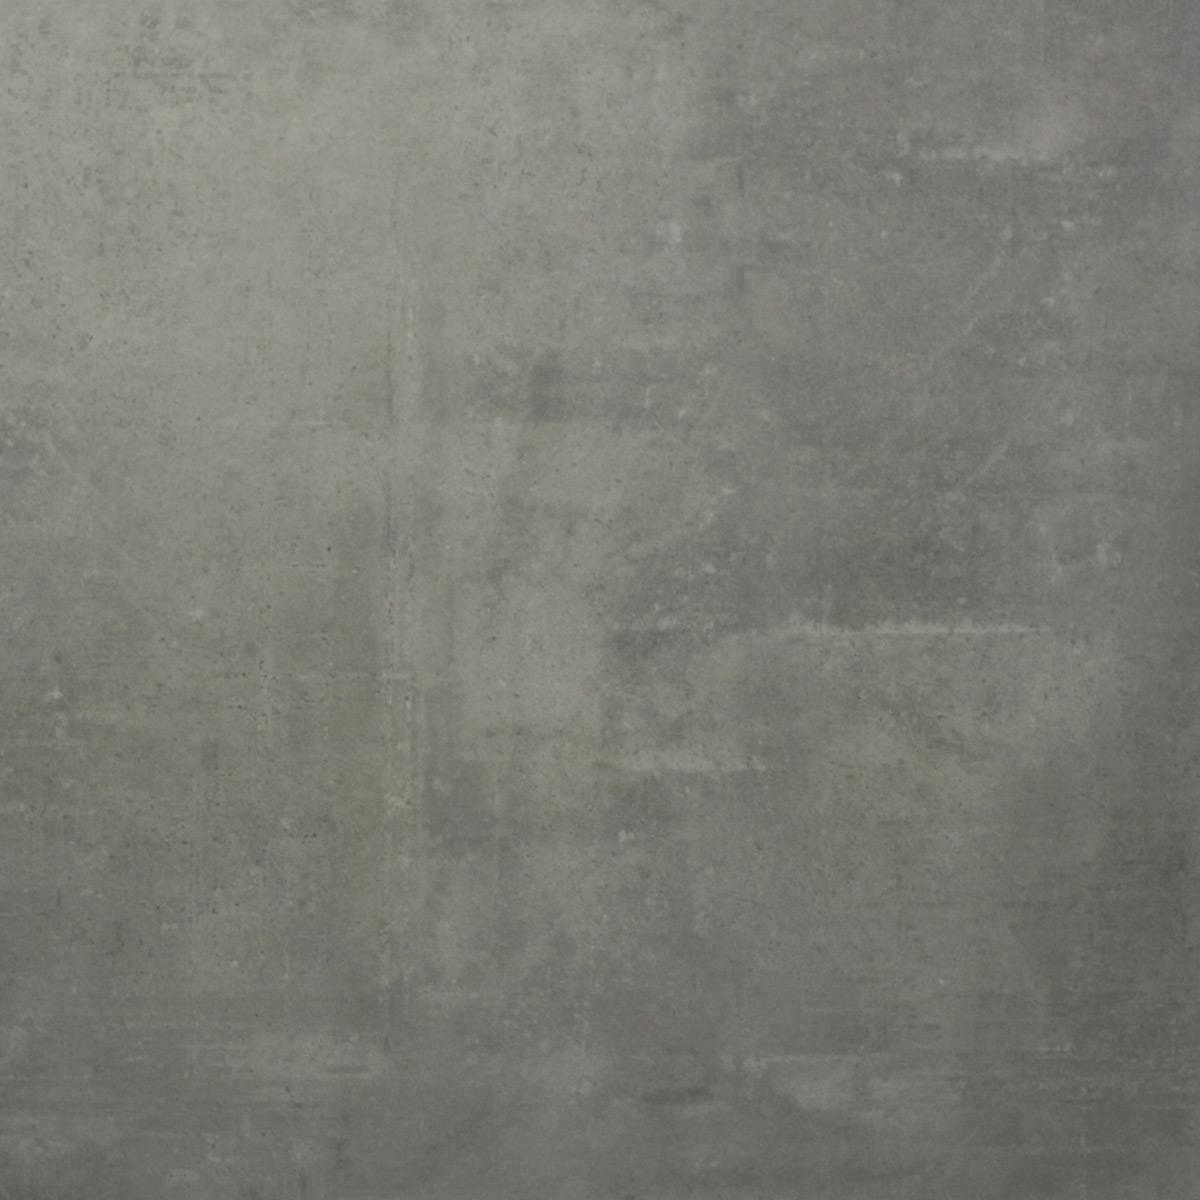 Cinque Colonia Boden-/Wandfliese grau 60x60